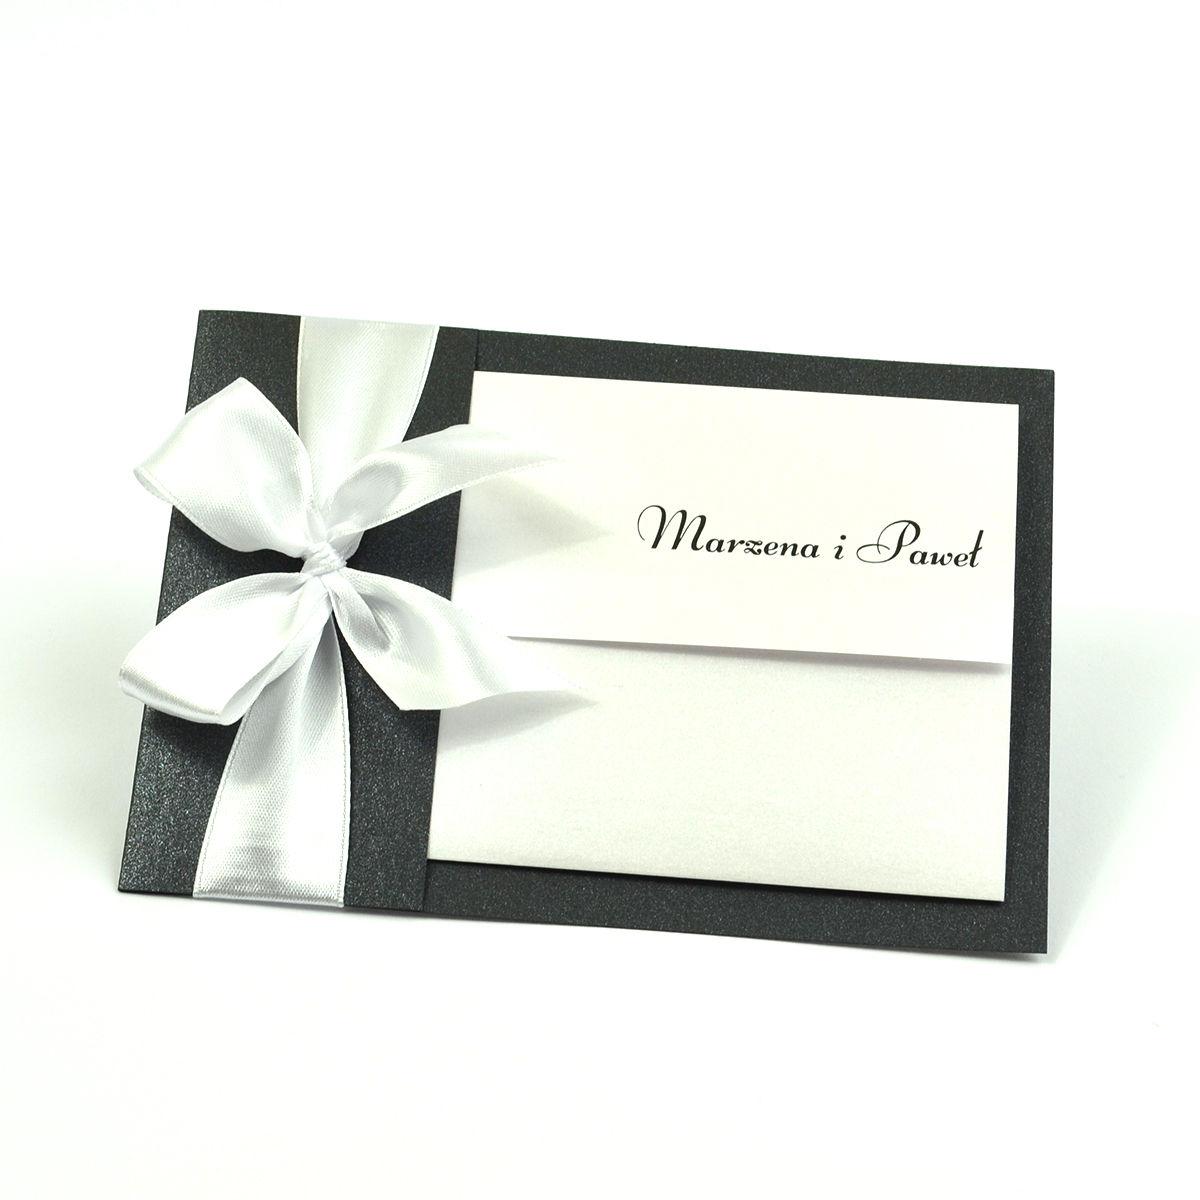 Ciekawe w formie eleganckie zaproszenia ślubne z wkładanym wnętrzem, białą wstążką oraz okładką z czarnego papieru ozdobnego z błyszczącymi elementami. ZAP-73-54